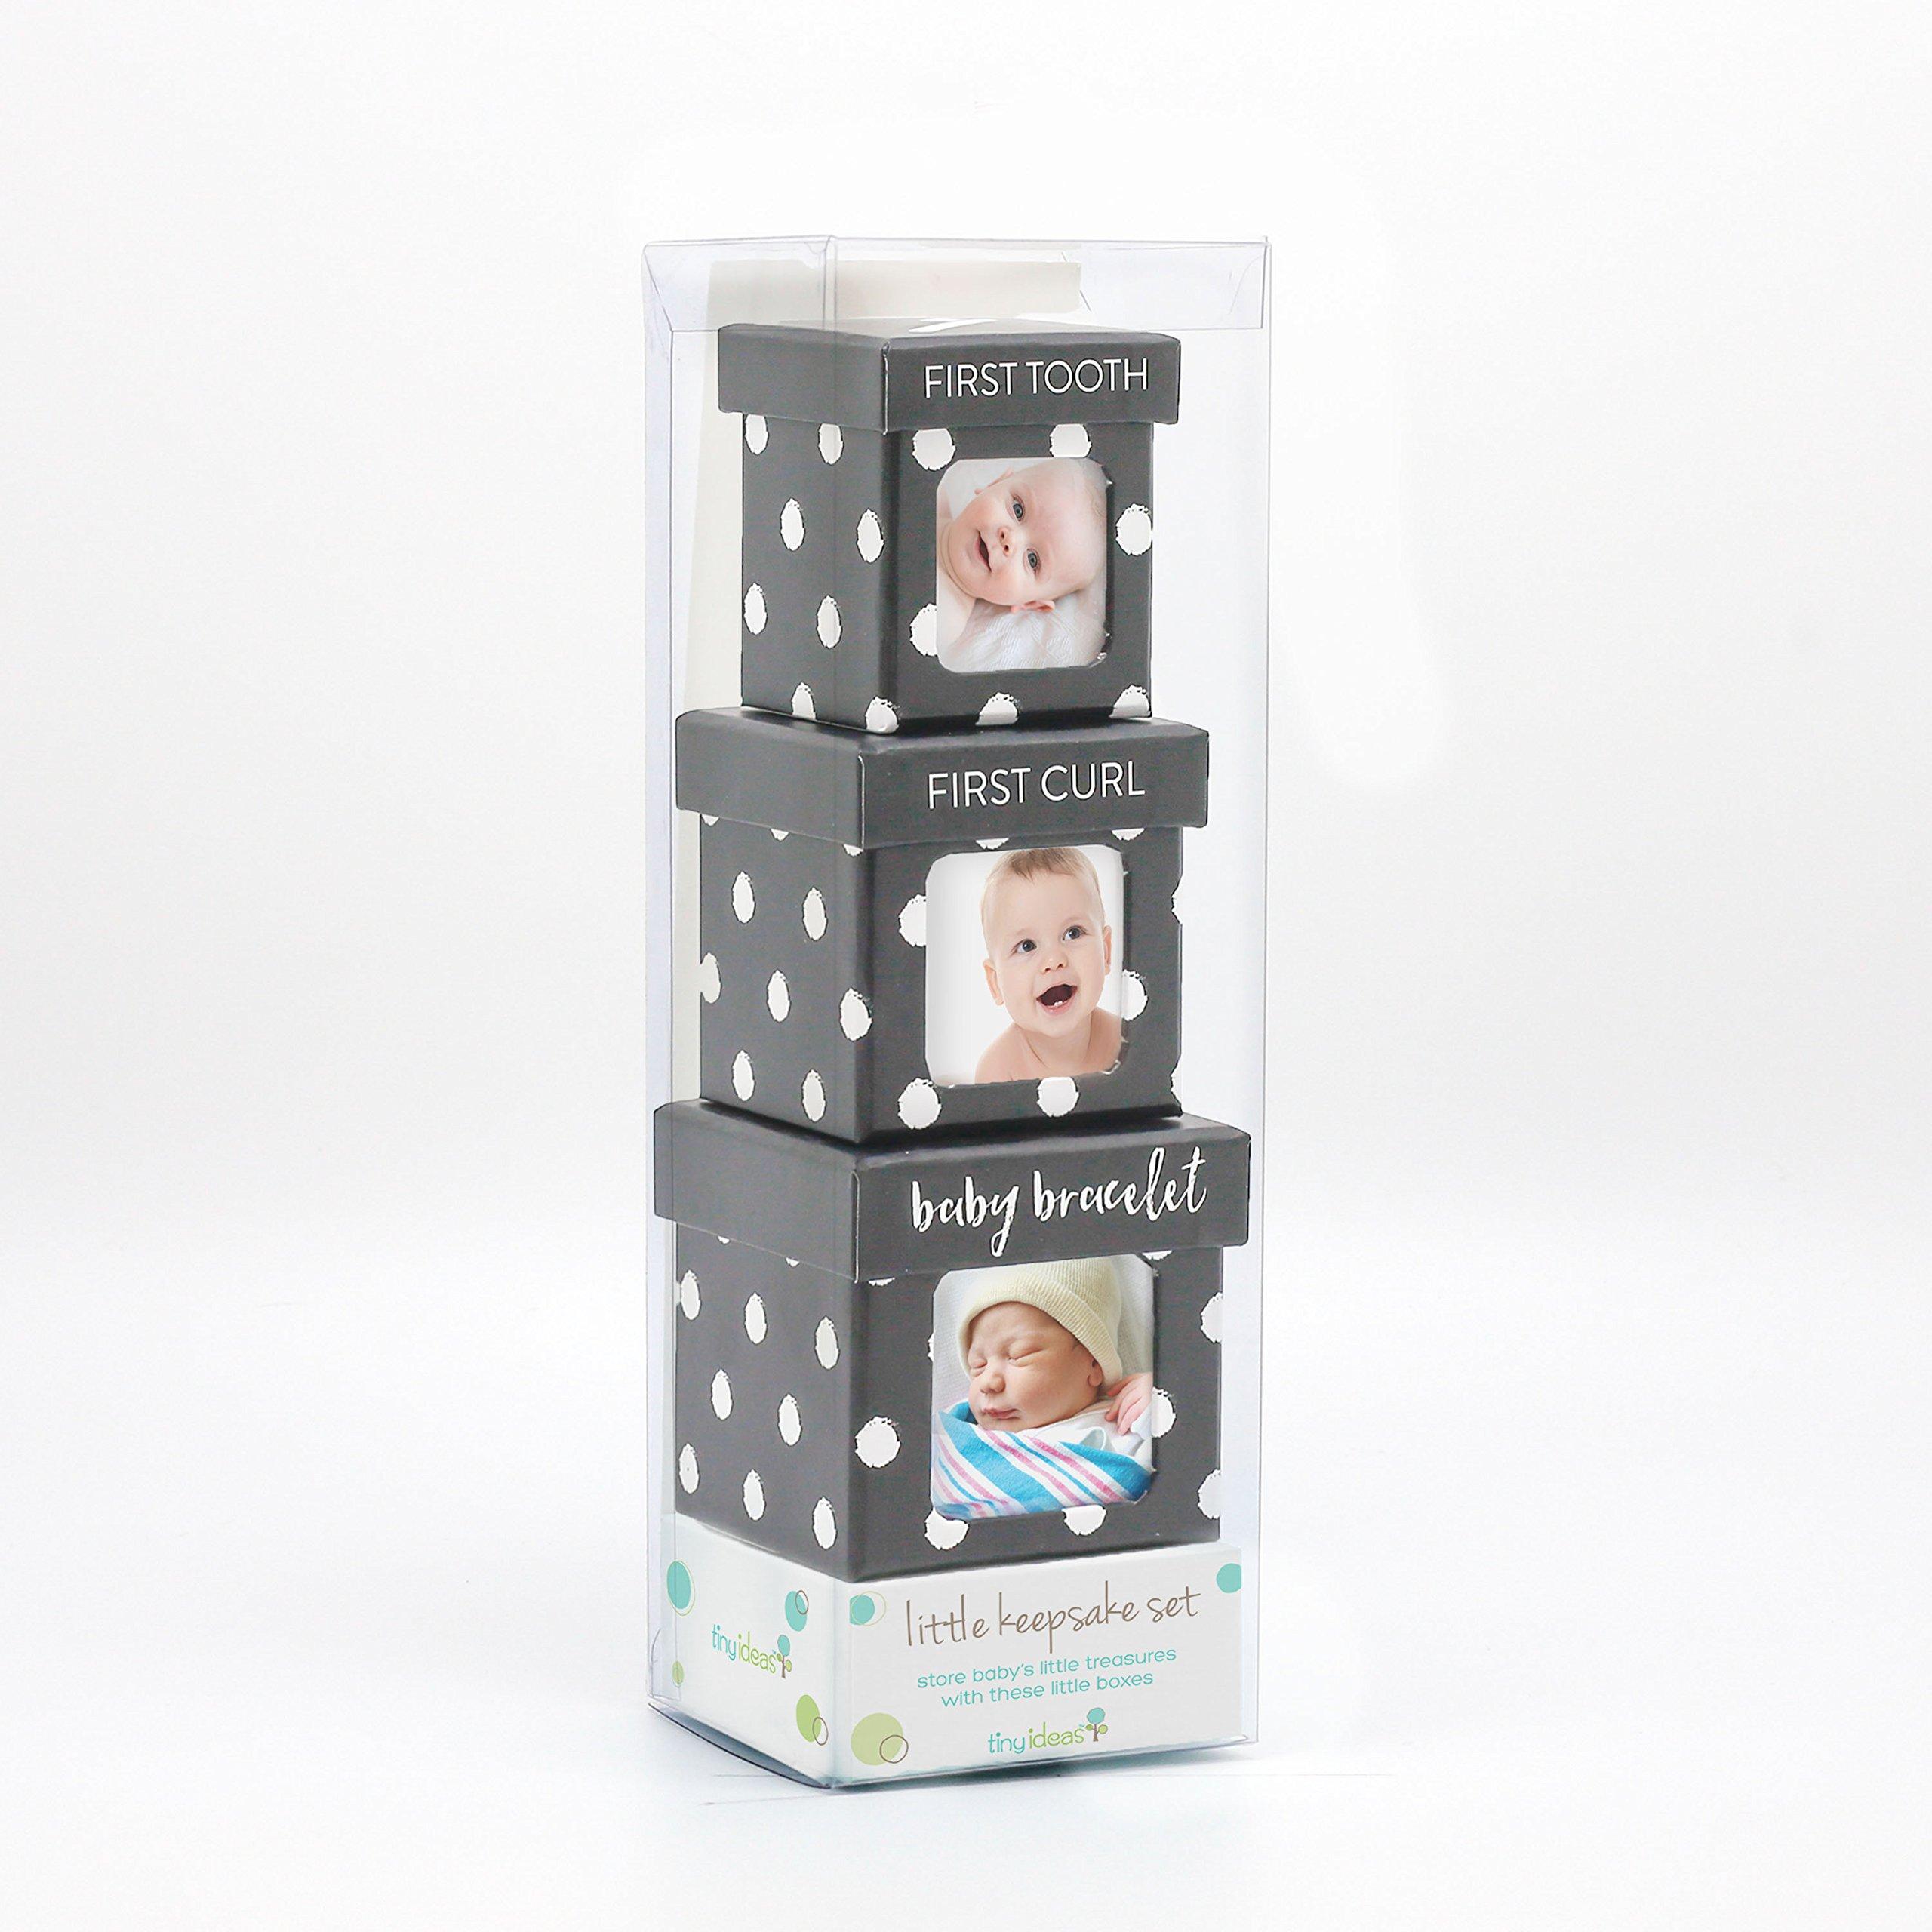 Tiny Ideas Keepsake Boxes, Perfect Nursery Décor and Keepsake Box Set, Black Dots by Tiny Ideas (Image #2)